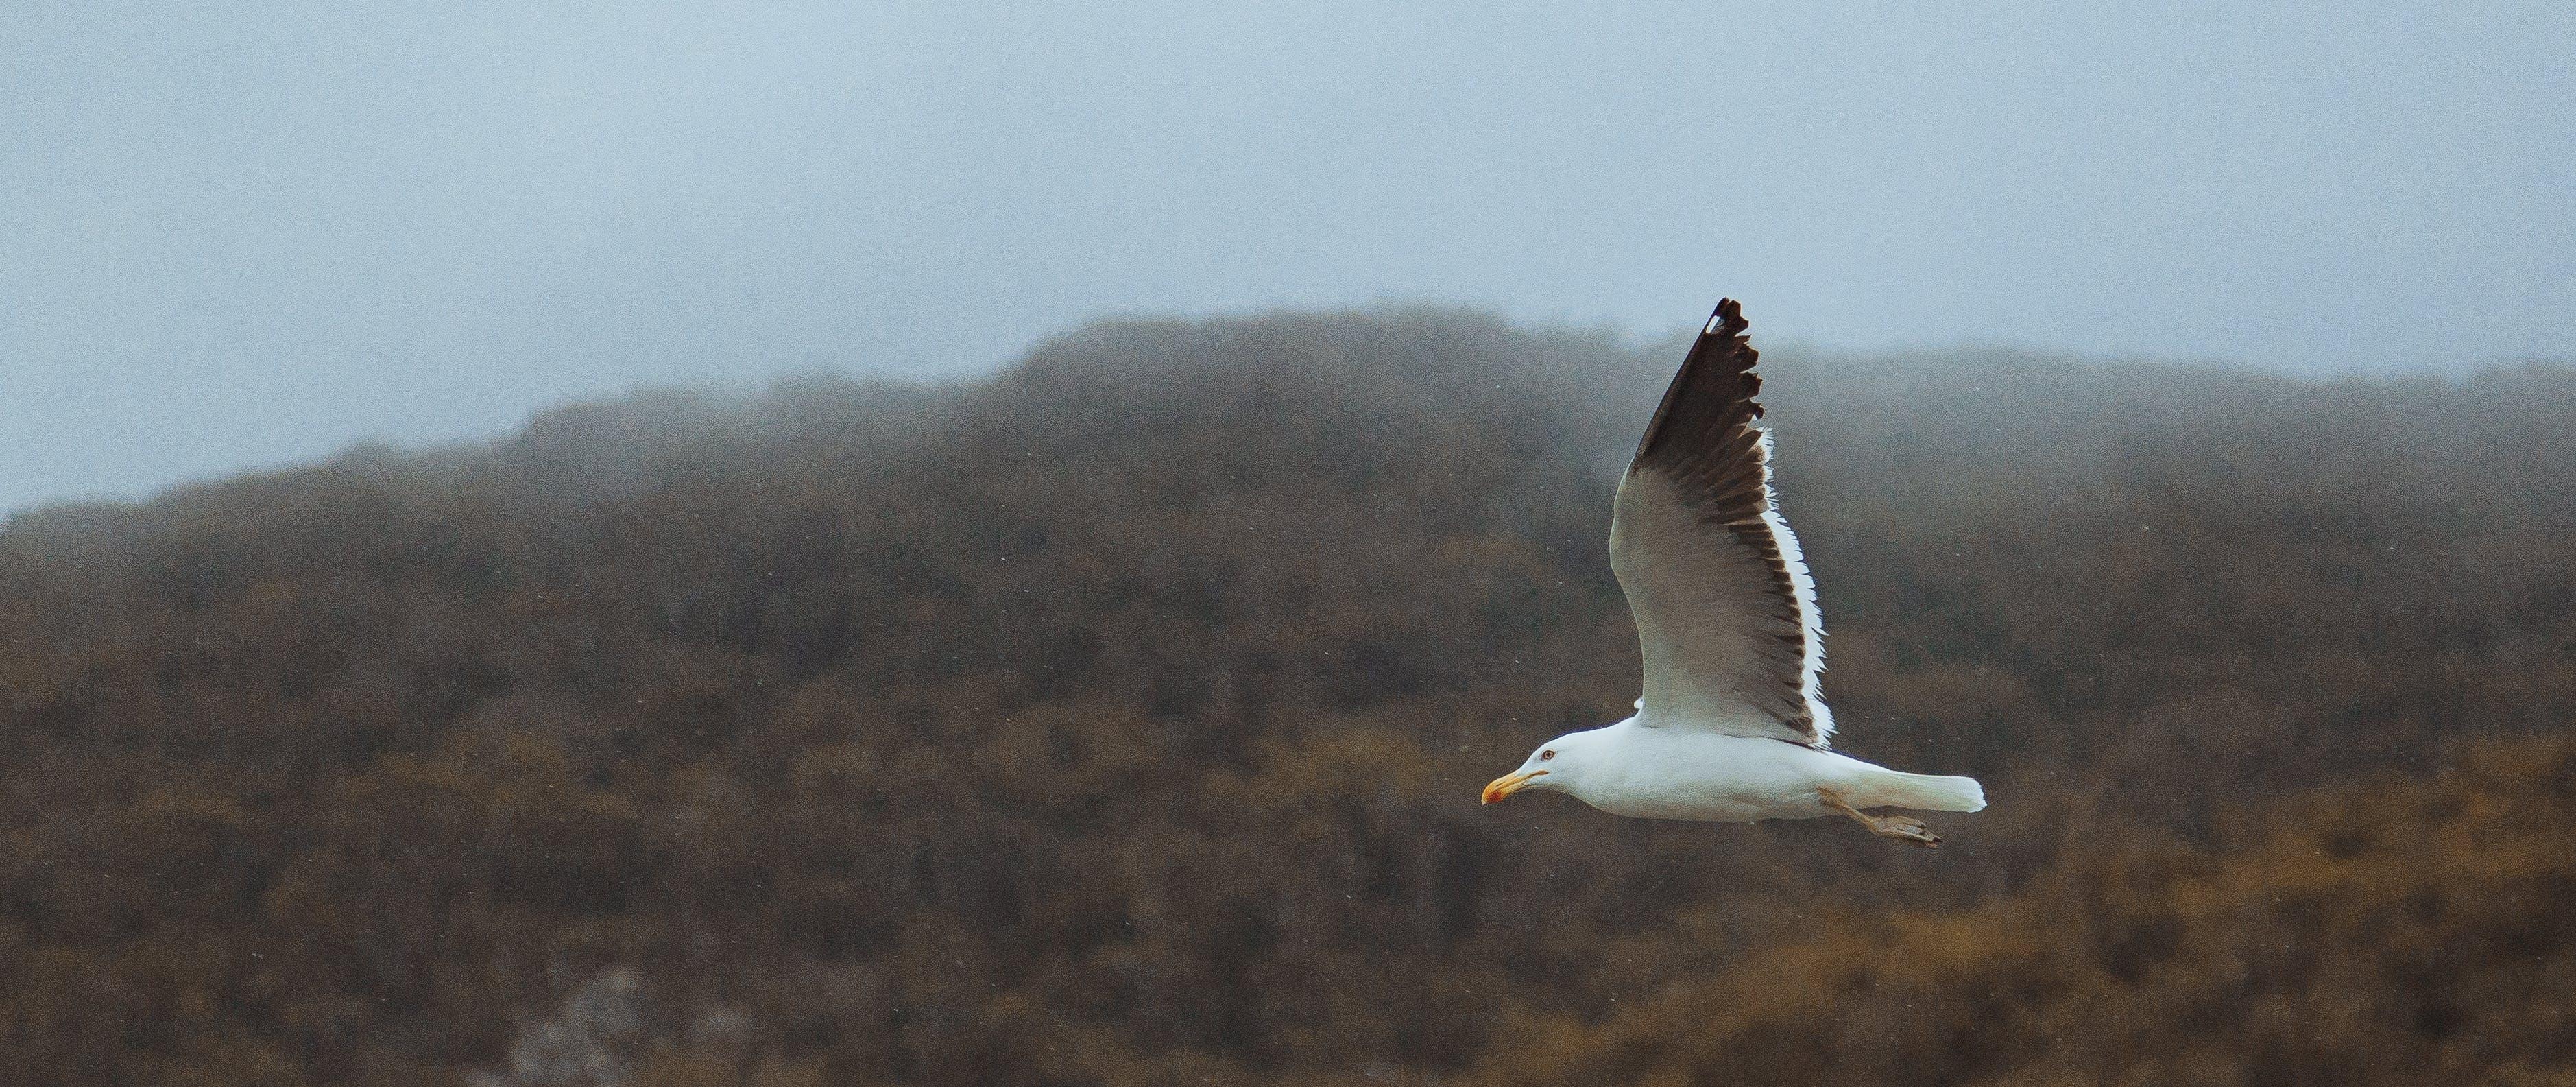 beyaz kuş, dağ, doğa, gökyüzü içeren Ücretsiz stok fotoğraf